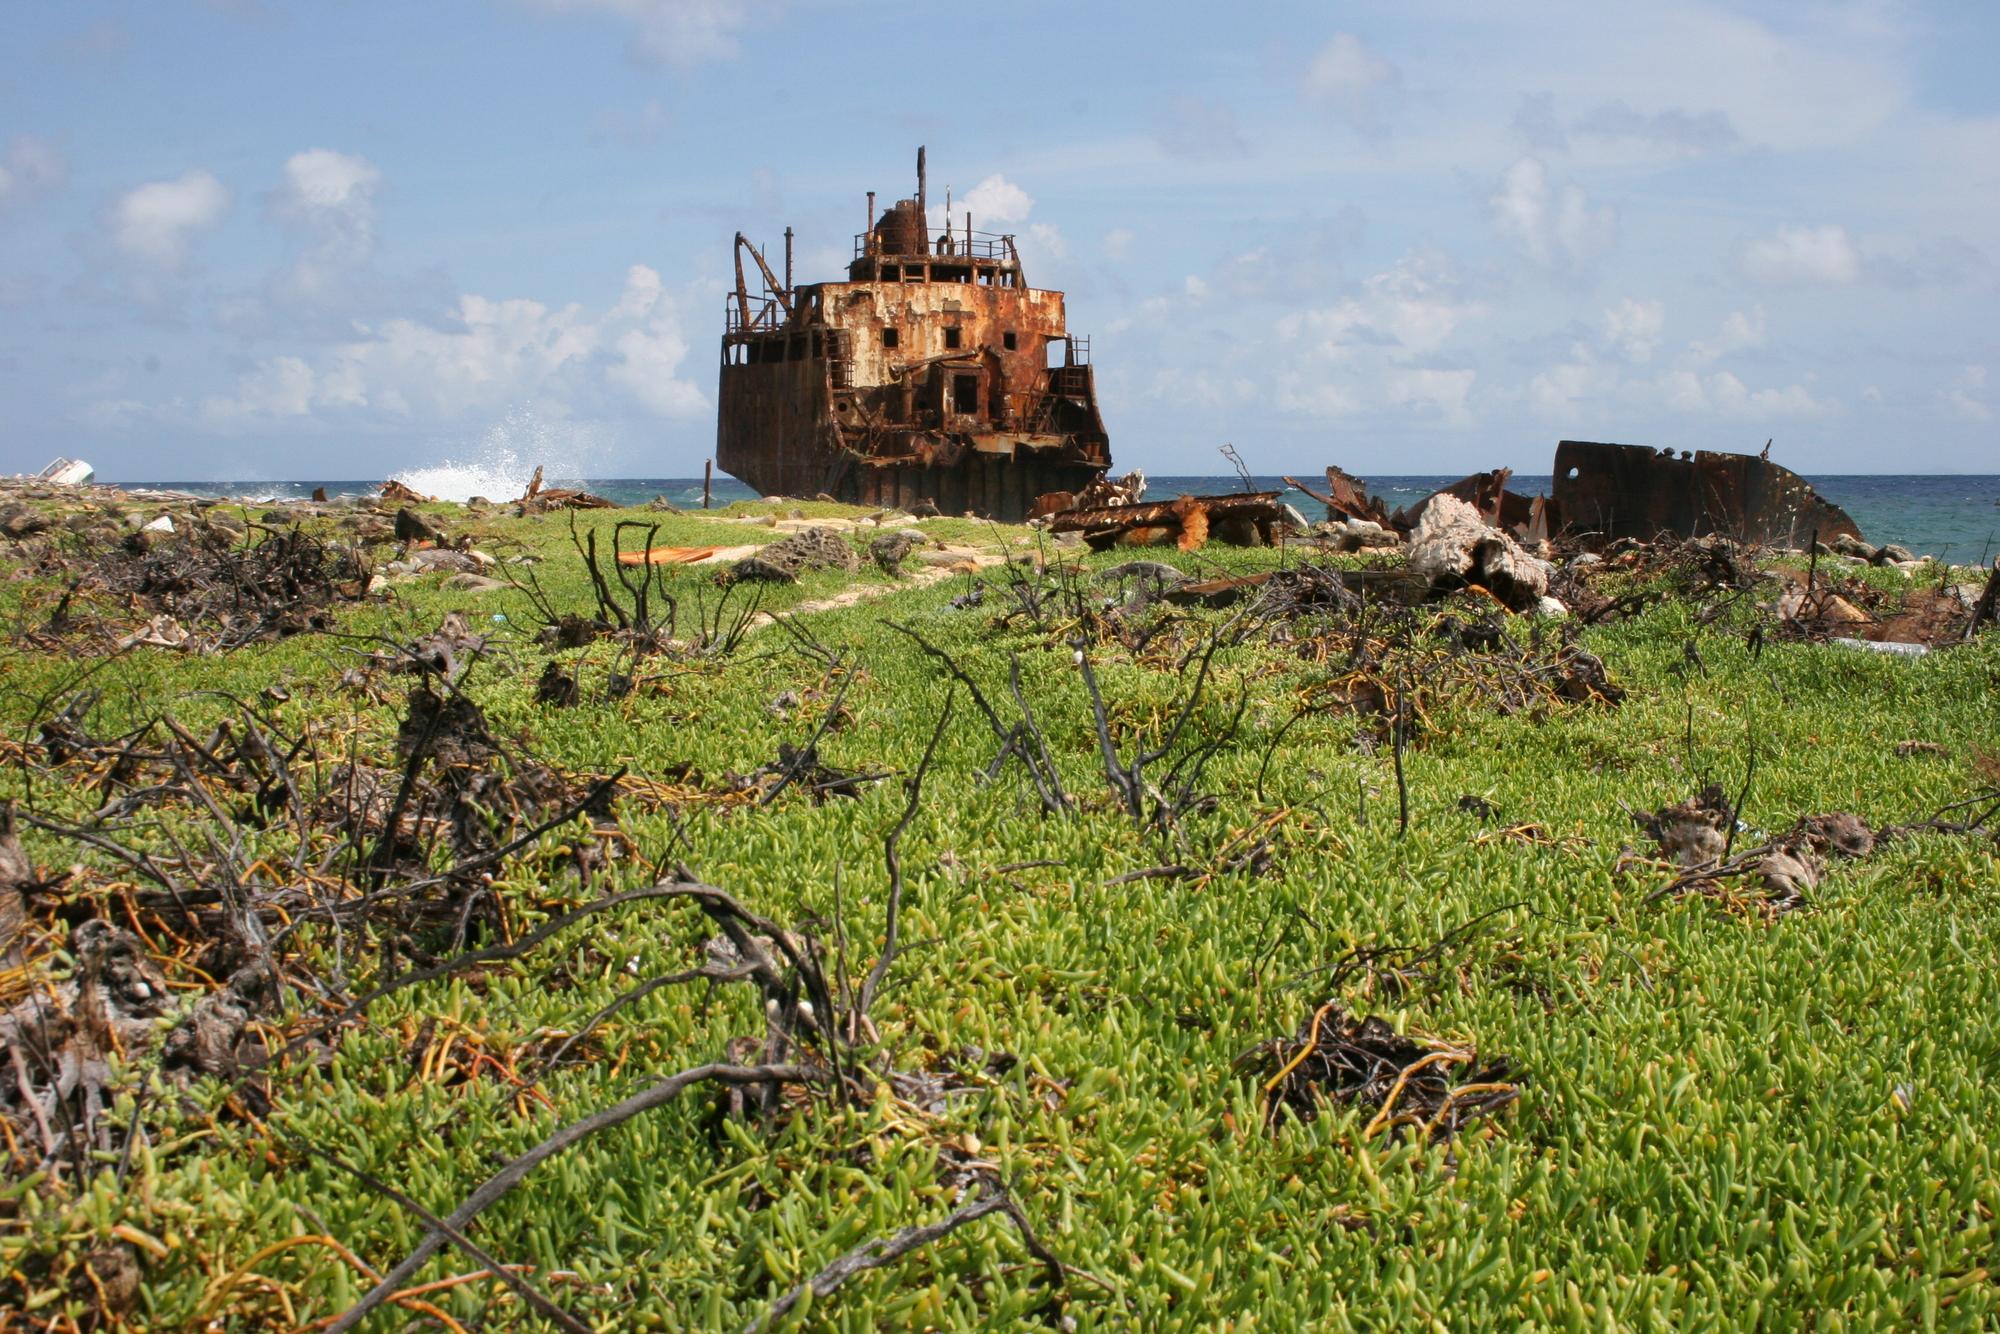 Klein Curacao. Kuva: © Matkasto/Päivi Kaarina Laajanen